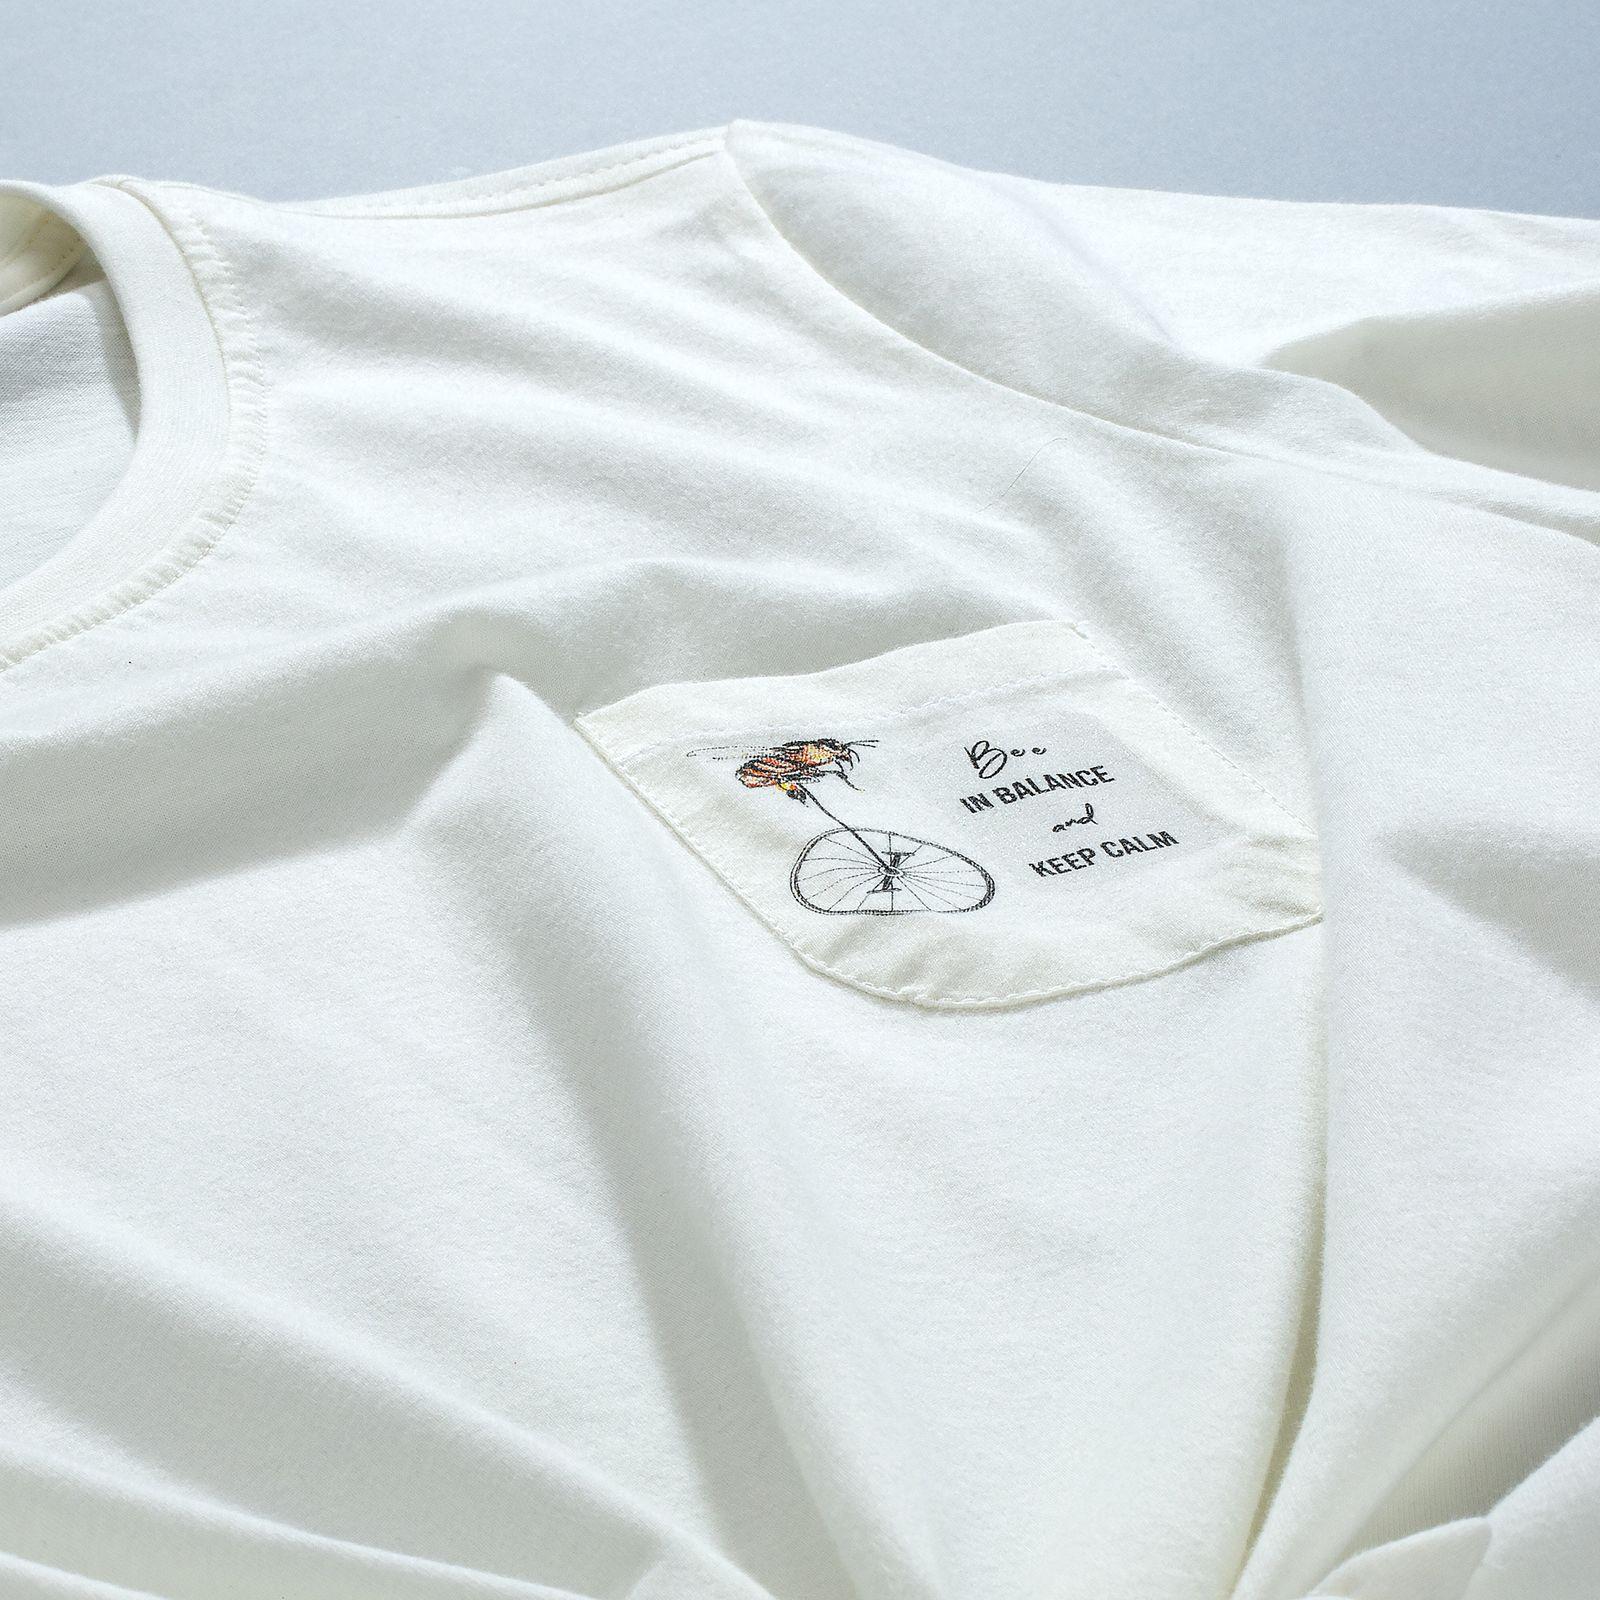 تی شرت زنانه جامه پوش آرا مدل 4012019475-05 -  - 10